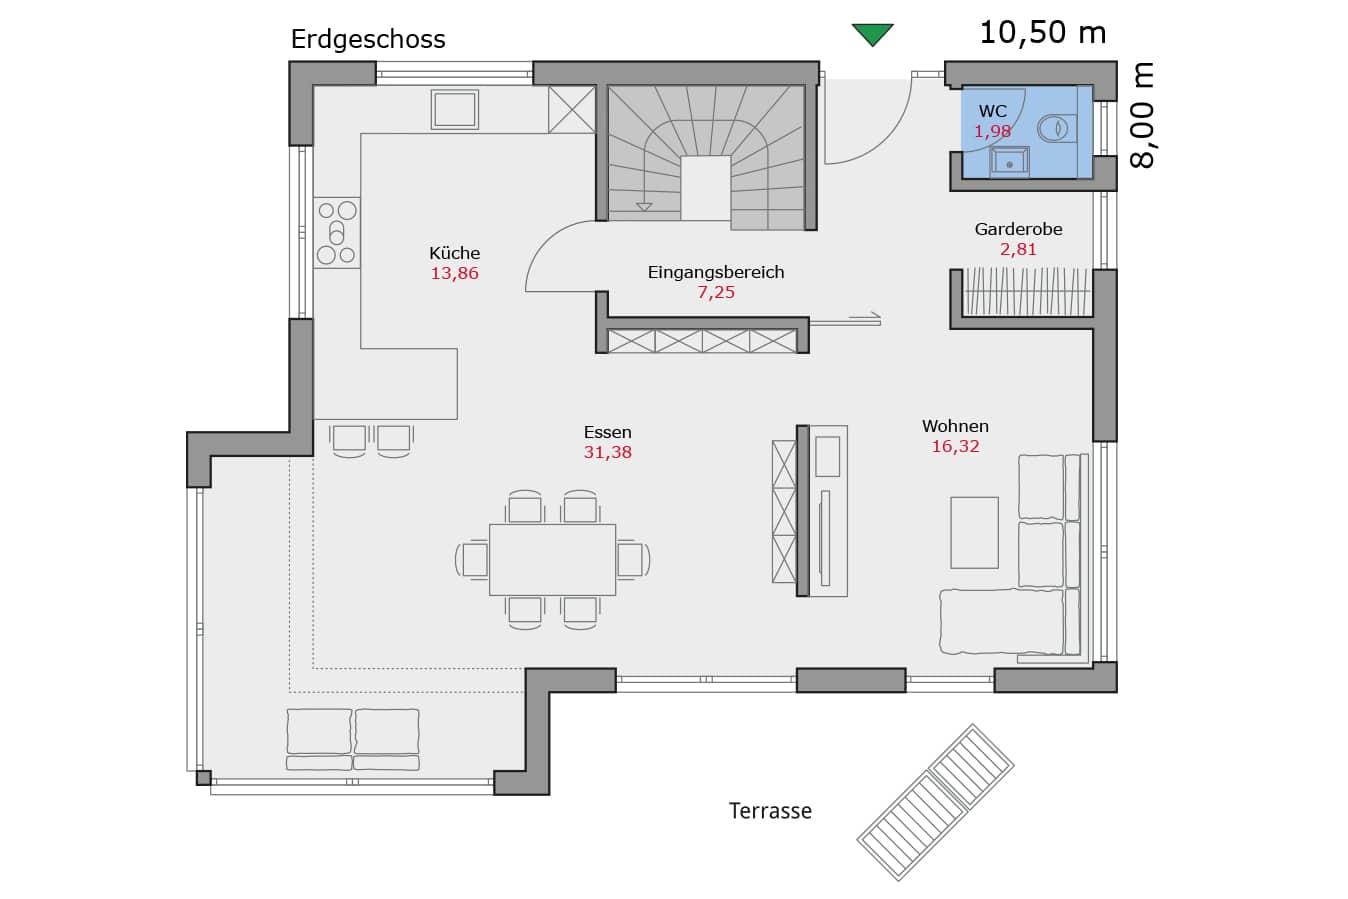 Haus114_Grundriss_Erdgeschoss_Flachdach_Einfamilienhaus_Talbauhaus